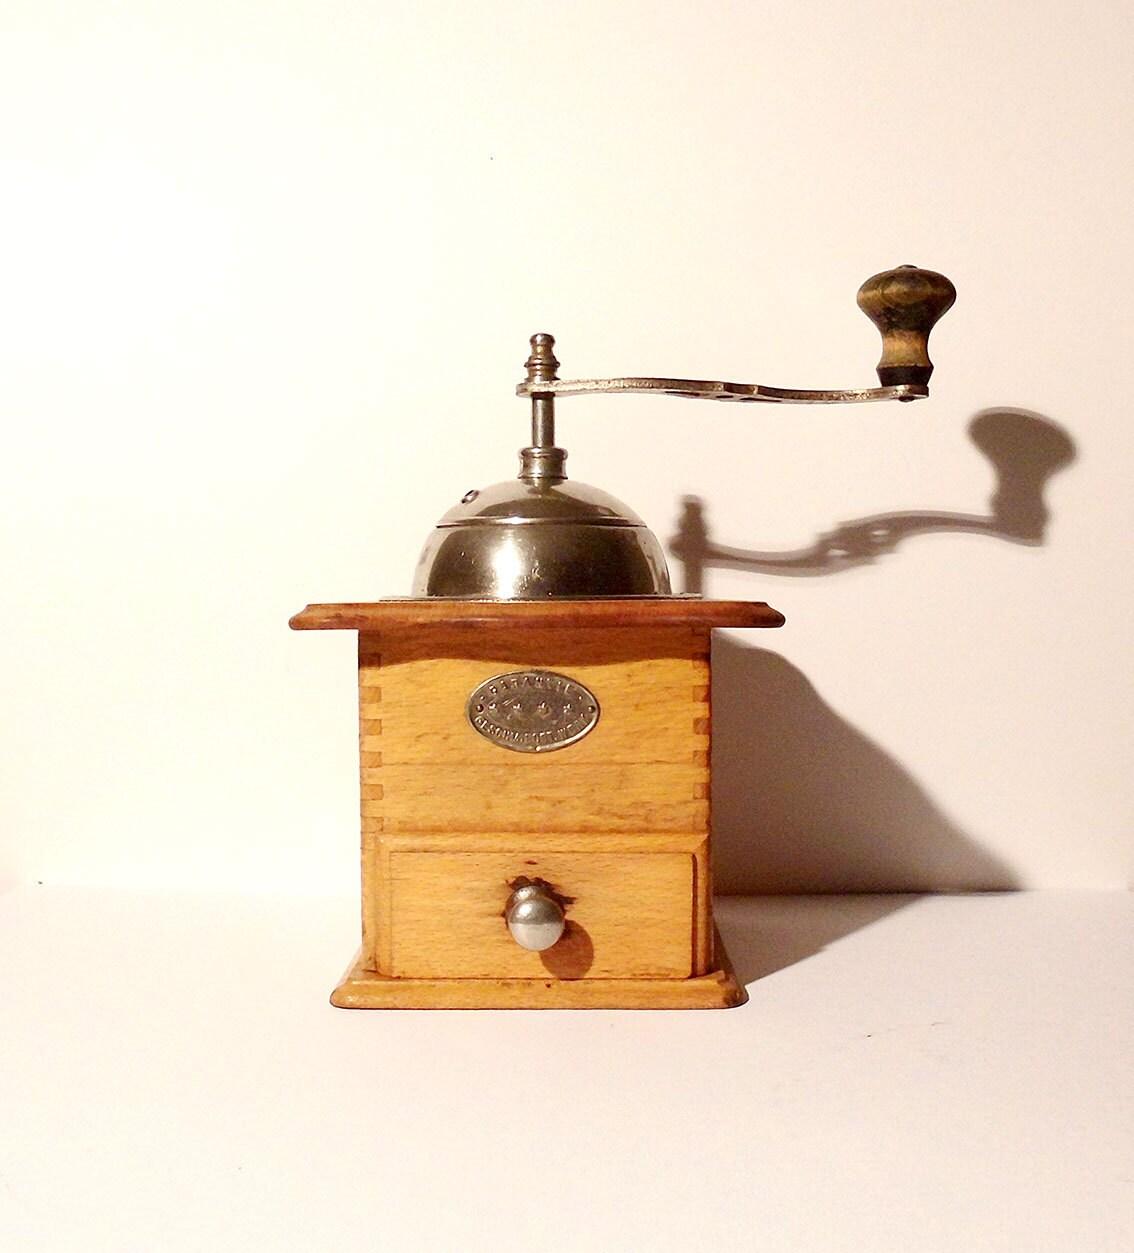 Vintage Wooden German Coffee Mocha Espresso Grinder / D.R.G.M. Garantie Geschmiedet. Werk - SunnysVintage